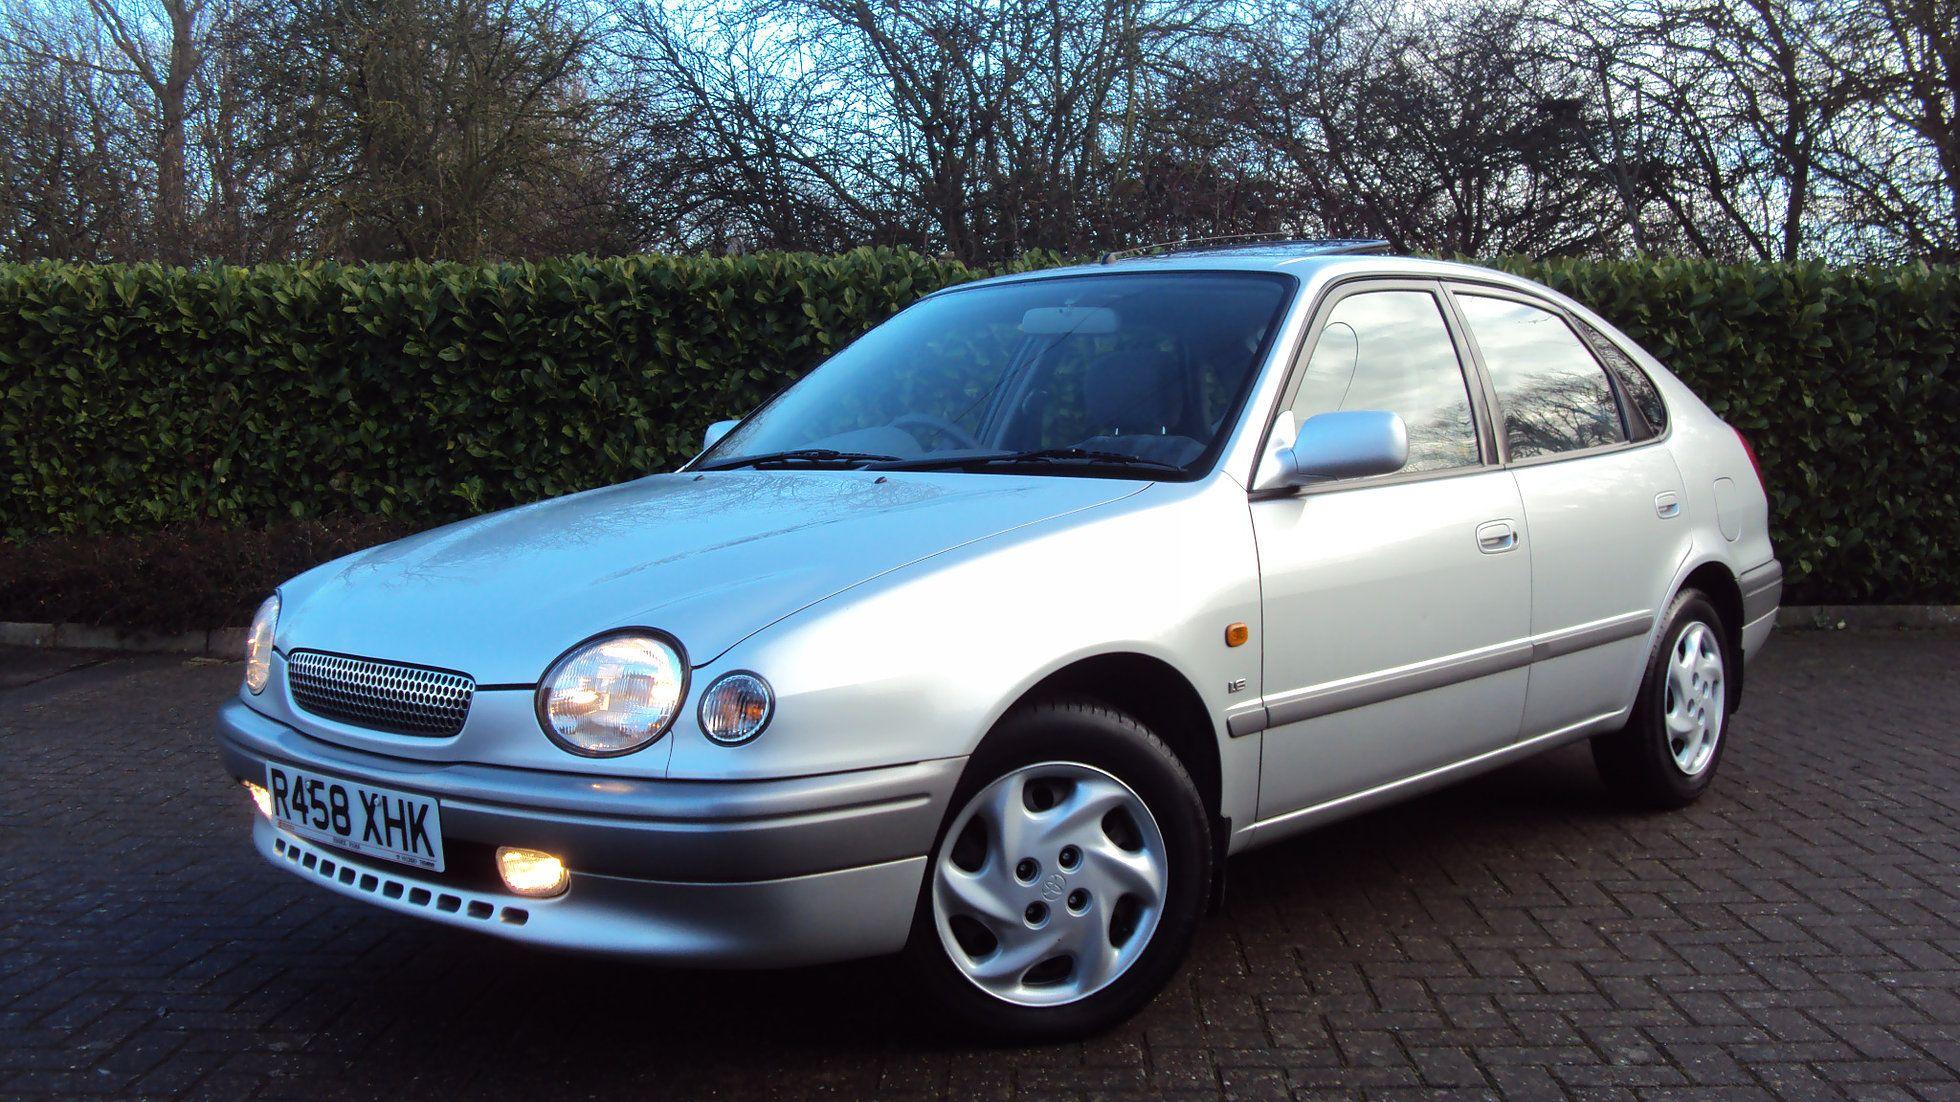 Kelebihan Kekurangan Corolla 1997 Harga